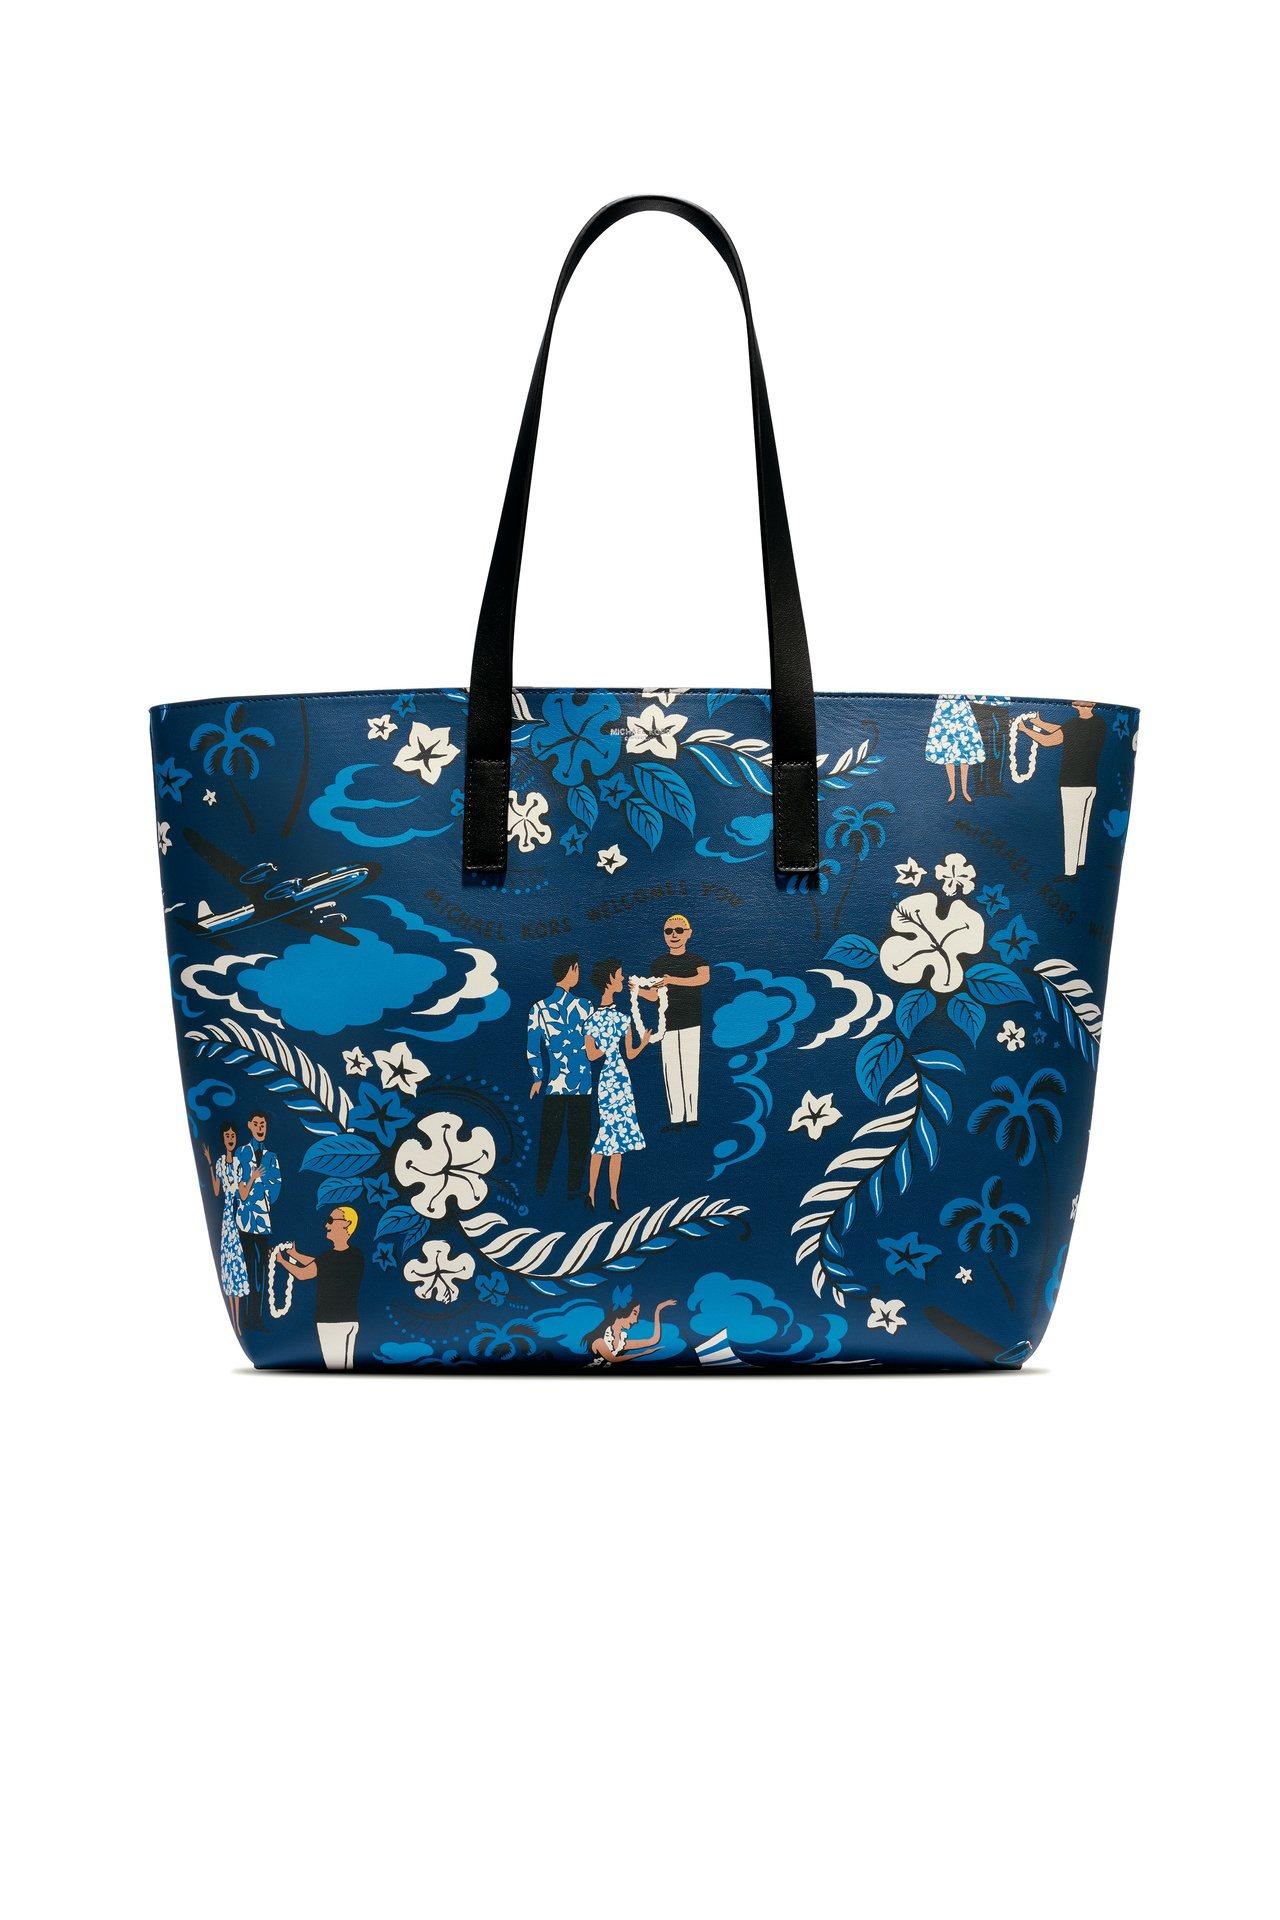 托特包型是2018早春度假系列的主要包款樣式。圖/MICHAEL KORS提供